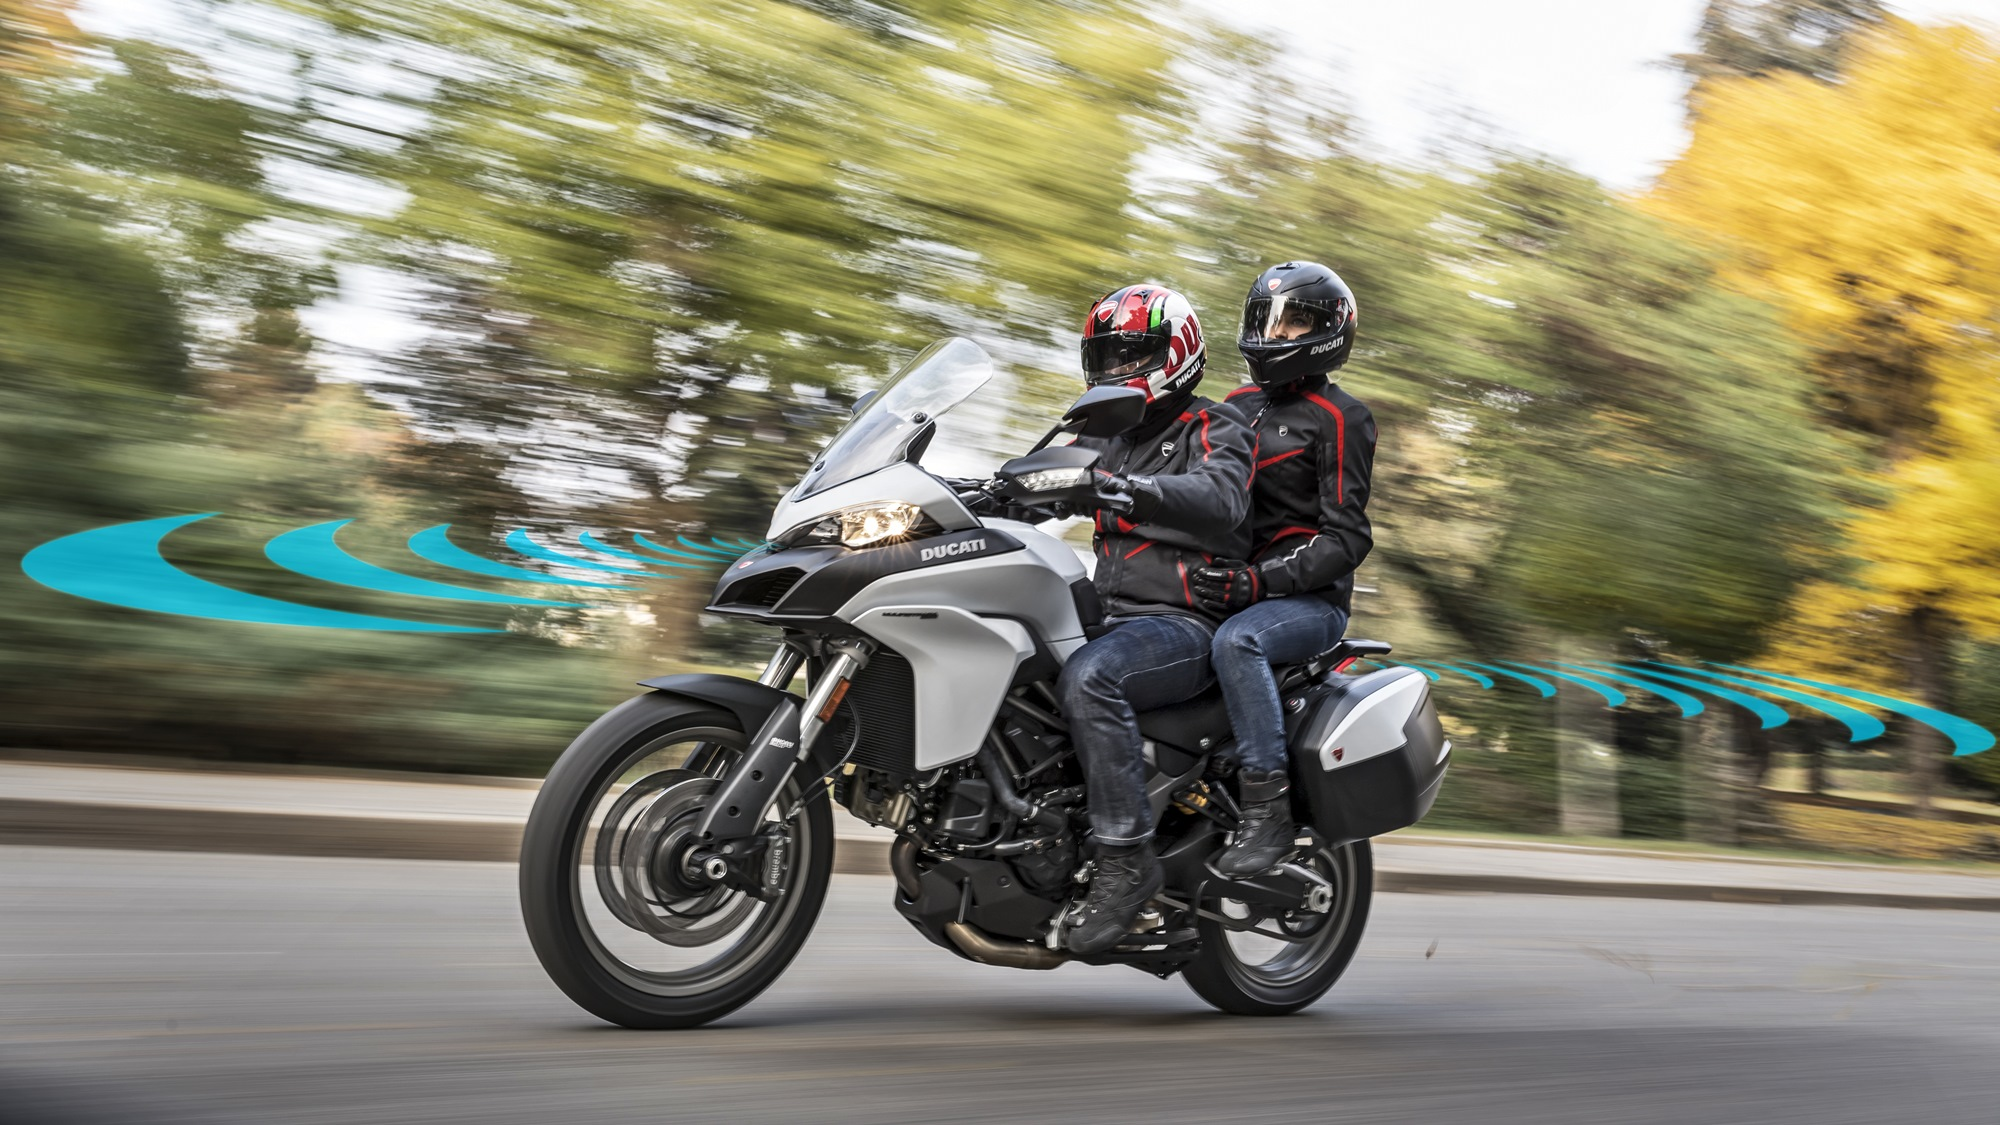 Ducati rider radar system